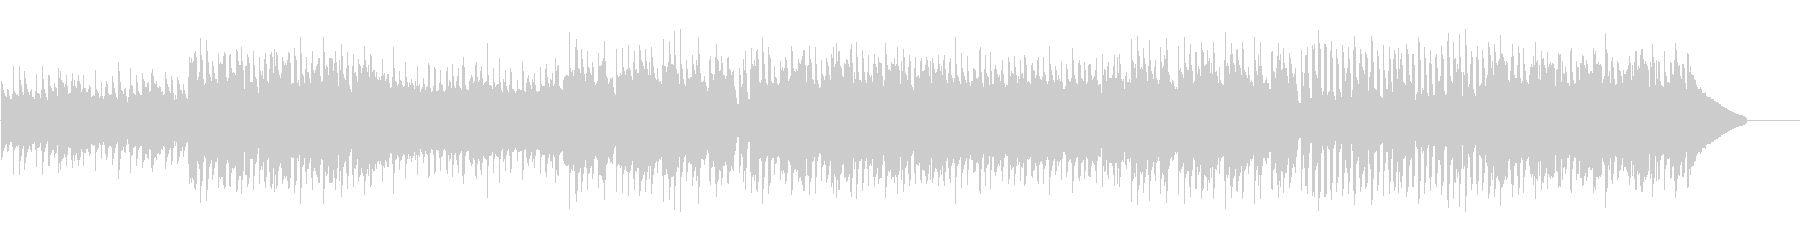 ワクワクするコンセプトムービー風/CMの未再生の波形